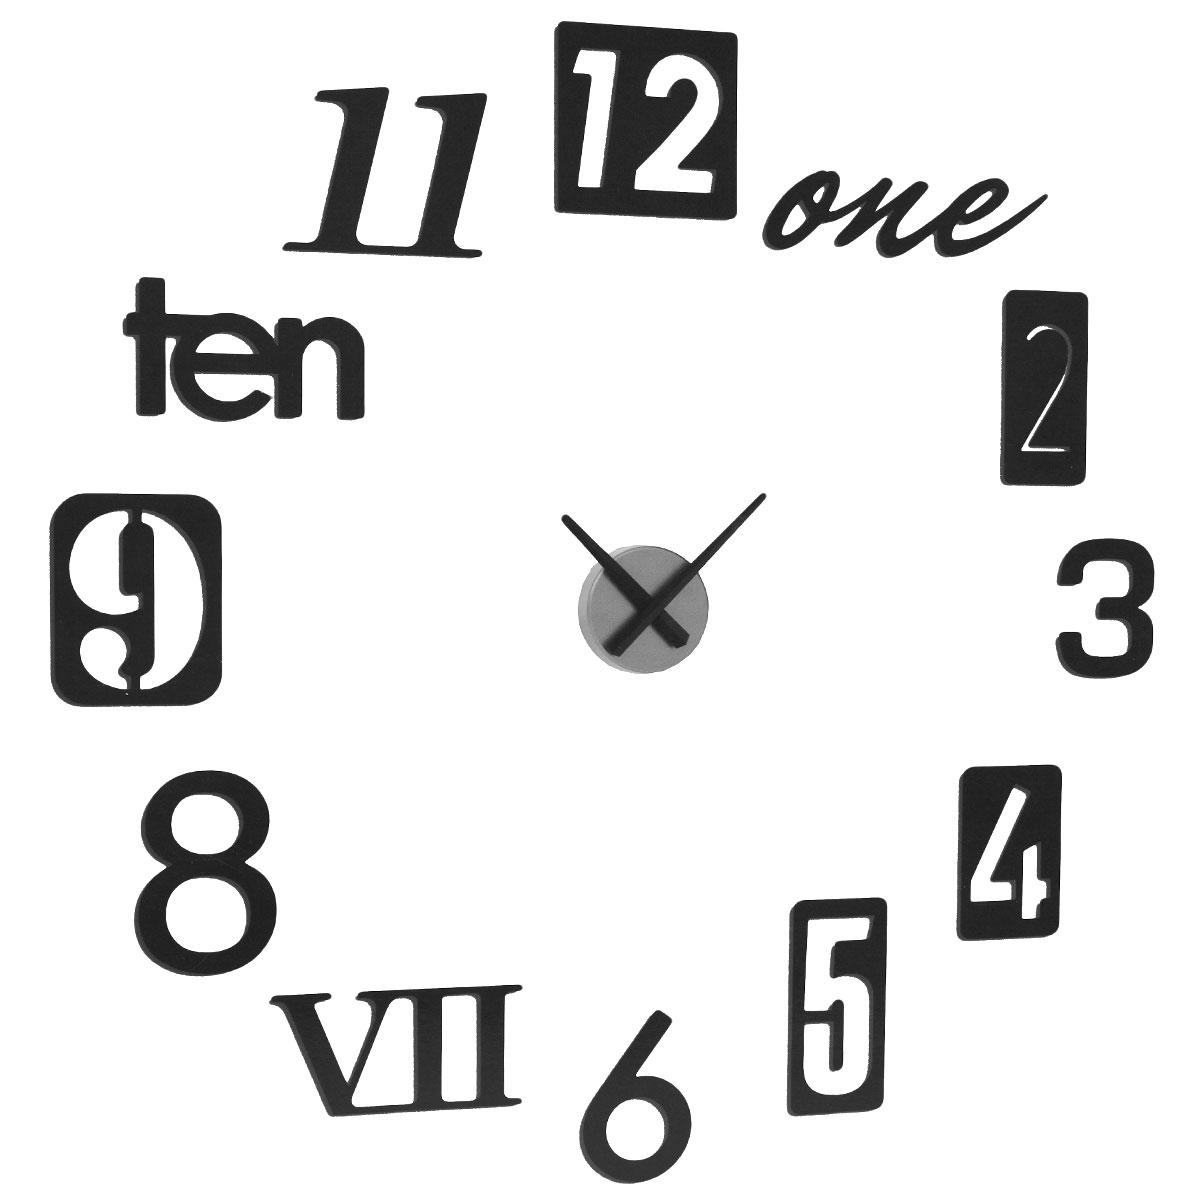 Часы настенные Umbra Numbra, цвет: черный. 118430-040118430-040Часы настенные Umbra Numbra своим дизайном подчеркнут стильность и оригинальность интерьера вашего дома. Корпус часов круглой формы выполнен из металла. Часы имеют две стрелки - часовую, минутную. В комплекте с часамиимеется 12 металлических цифр, слов, позволяющие создать аппликацию вокруг циферблата. Цифры можно располагать по стене в произвольном порядке, или в порядке, указанном в инструкции.Такие часы послужат отличным подарком для ценителя ярких и необычных вещей. Характеристики:Материал: пластик, металл. Диаметр часов: 9,5 см. Диаметр аппликации: 55 см. Размер упаковки: 32 см х 33 см х 6 см. Изготовитель: Китай. Артикул: 118430-040. Рекомендуется докупить батарейку типа АА (в комплект не входит).